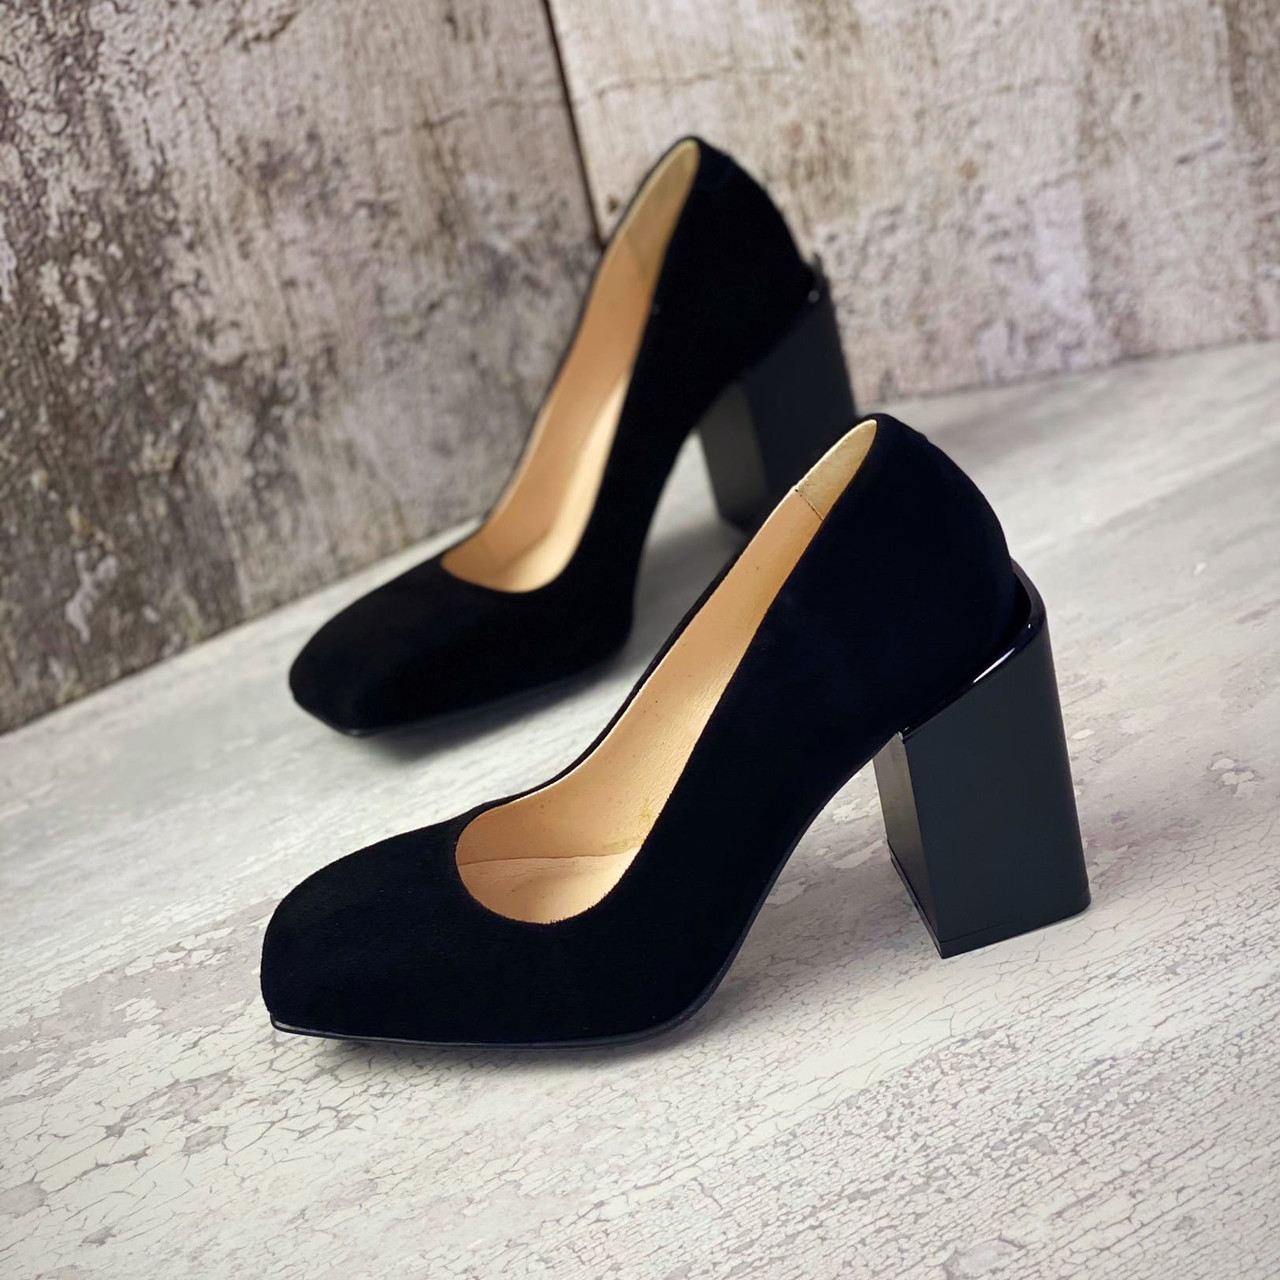 Жіночі класичні туфлі на підборах з натурального замша 36-40 р чорний